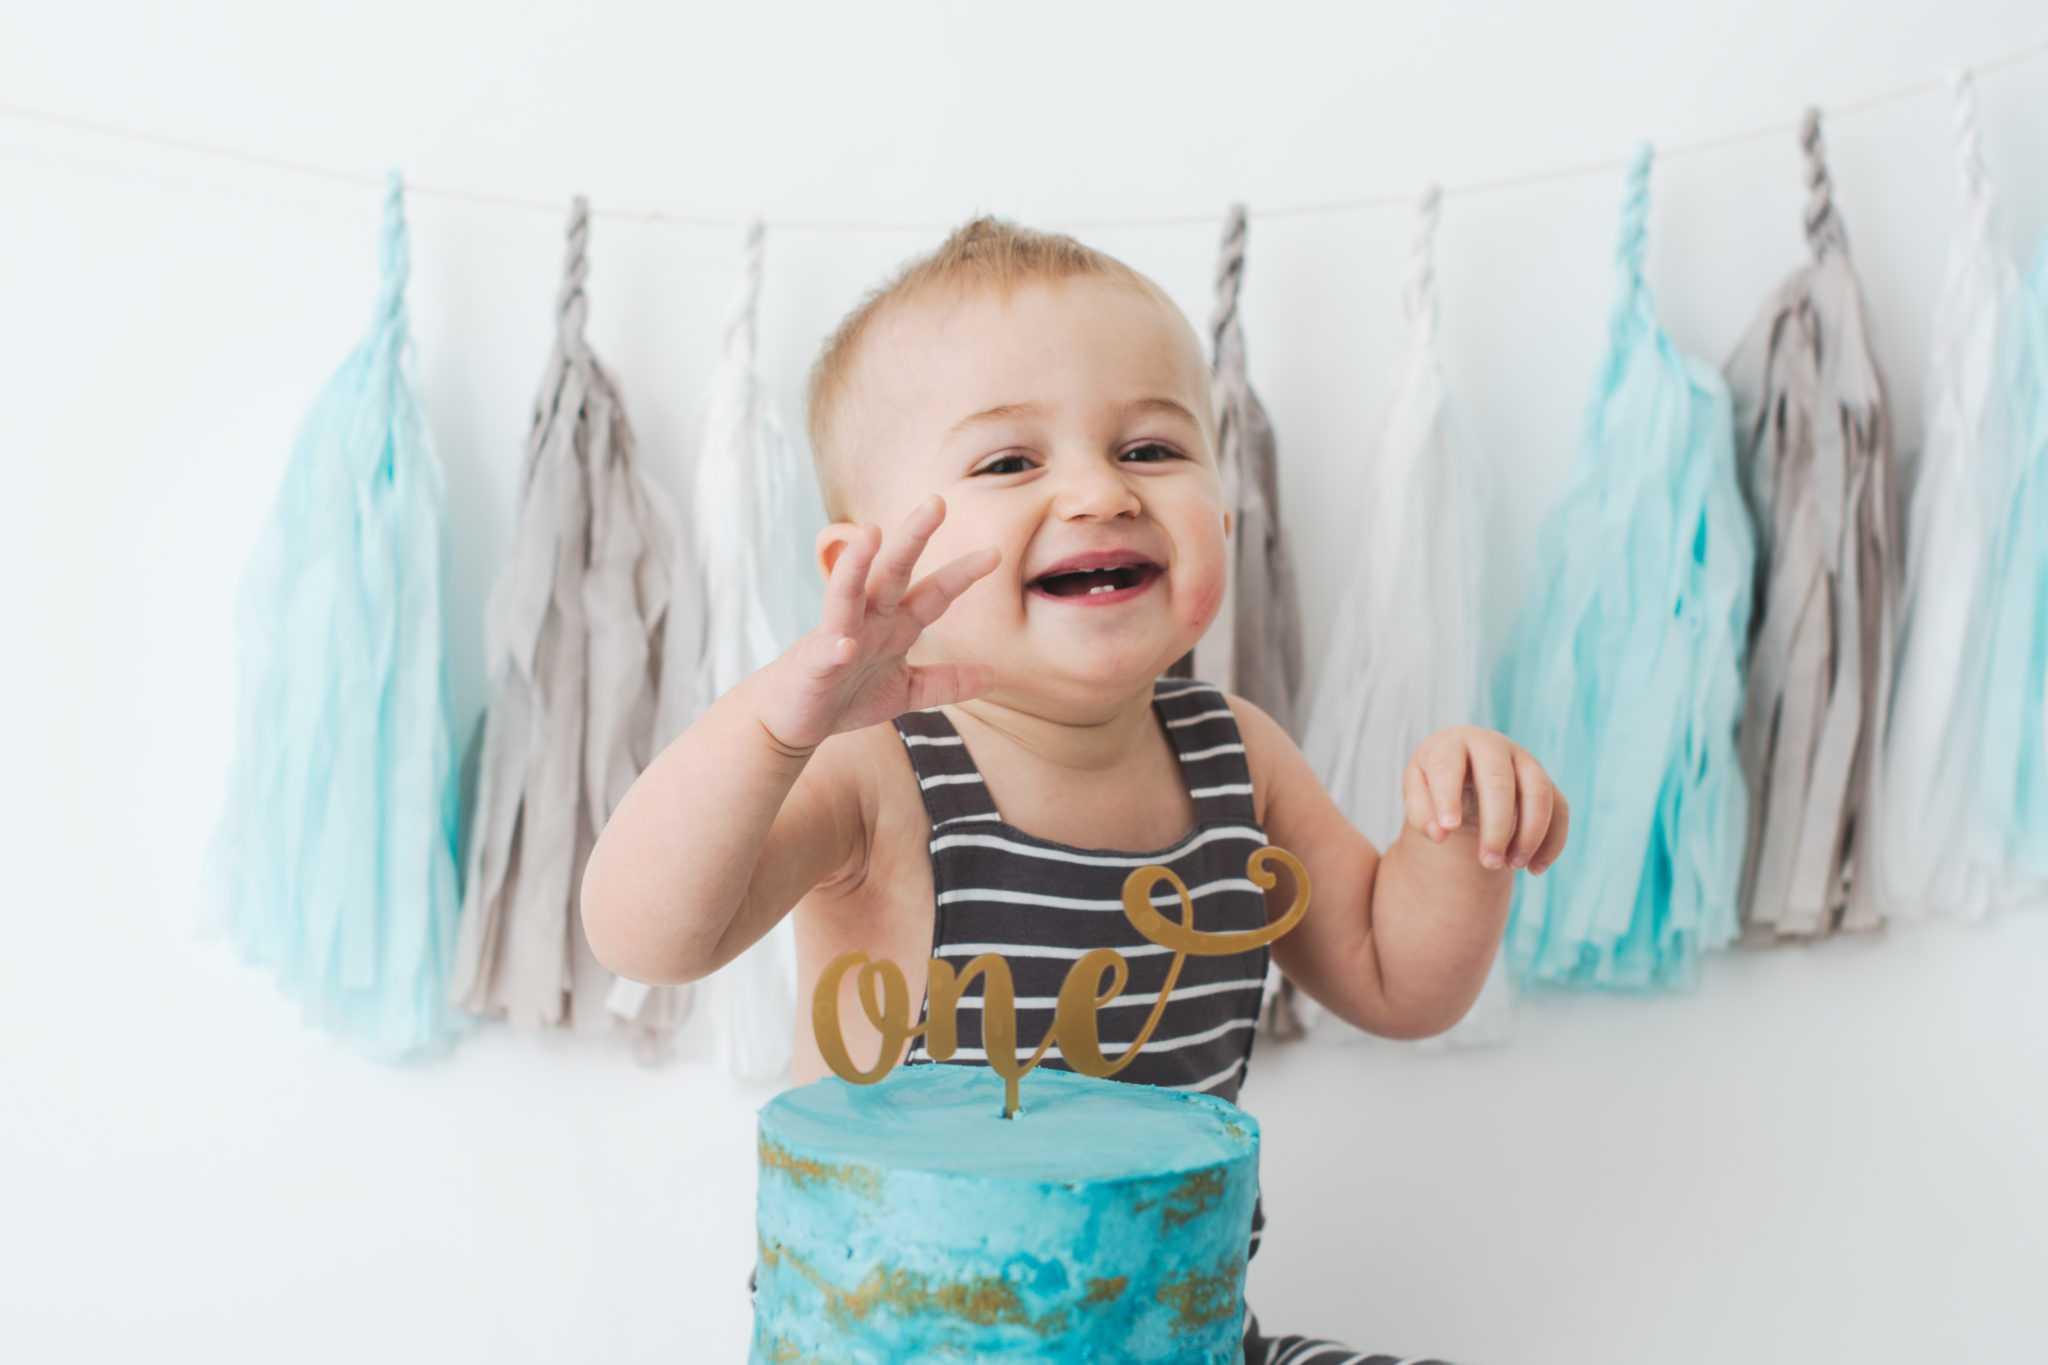 Baby Cake Smash Stockport